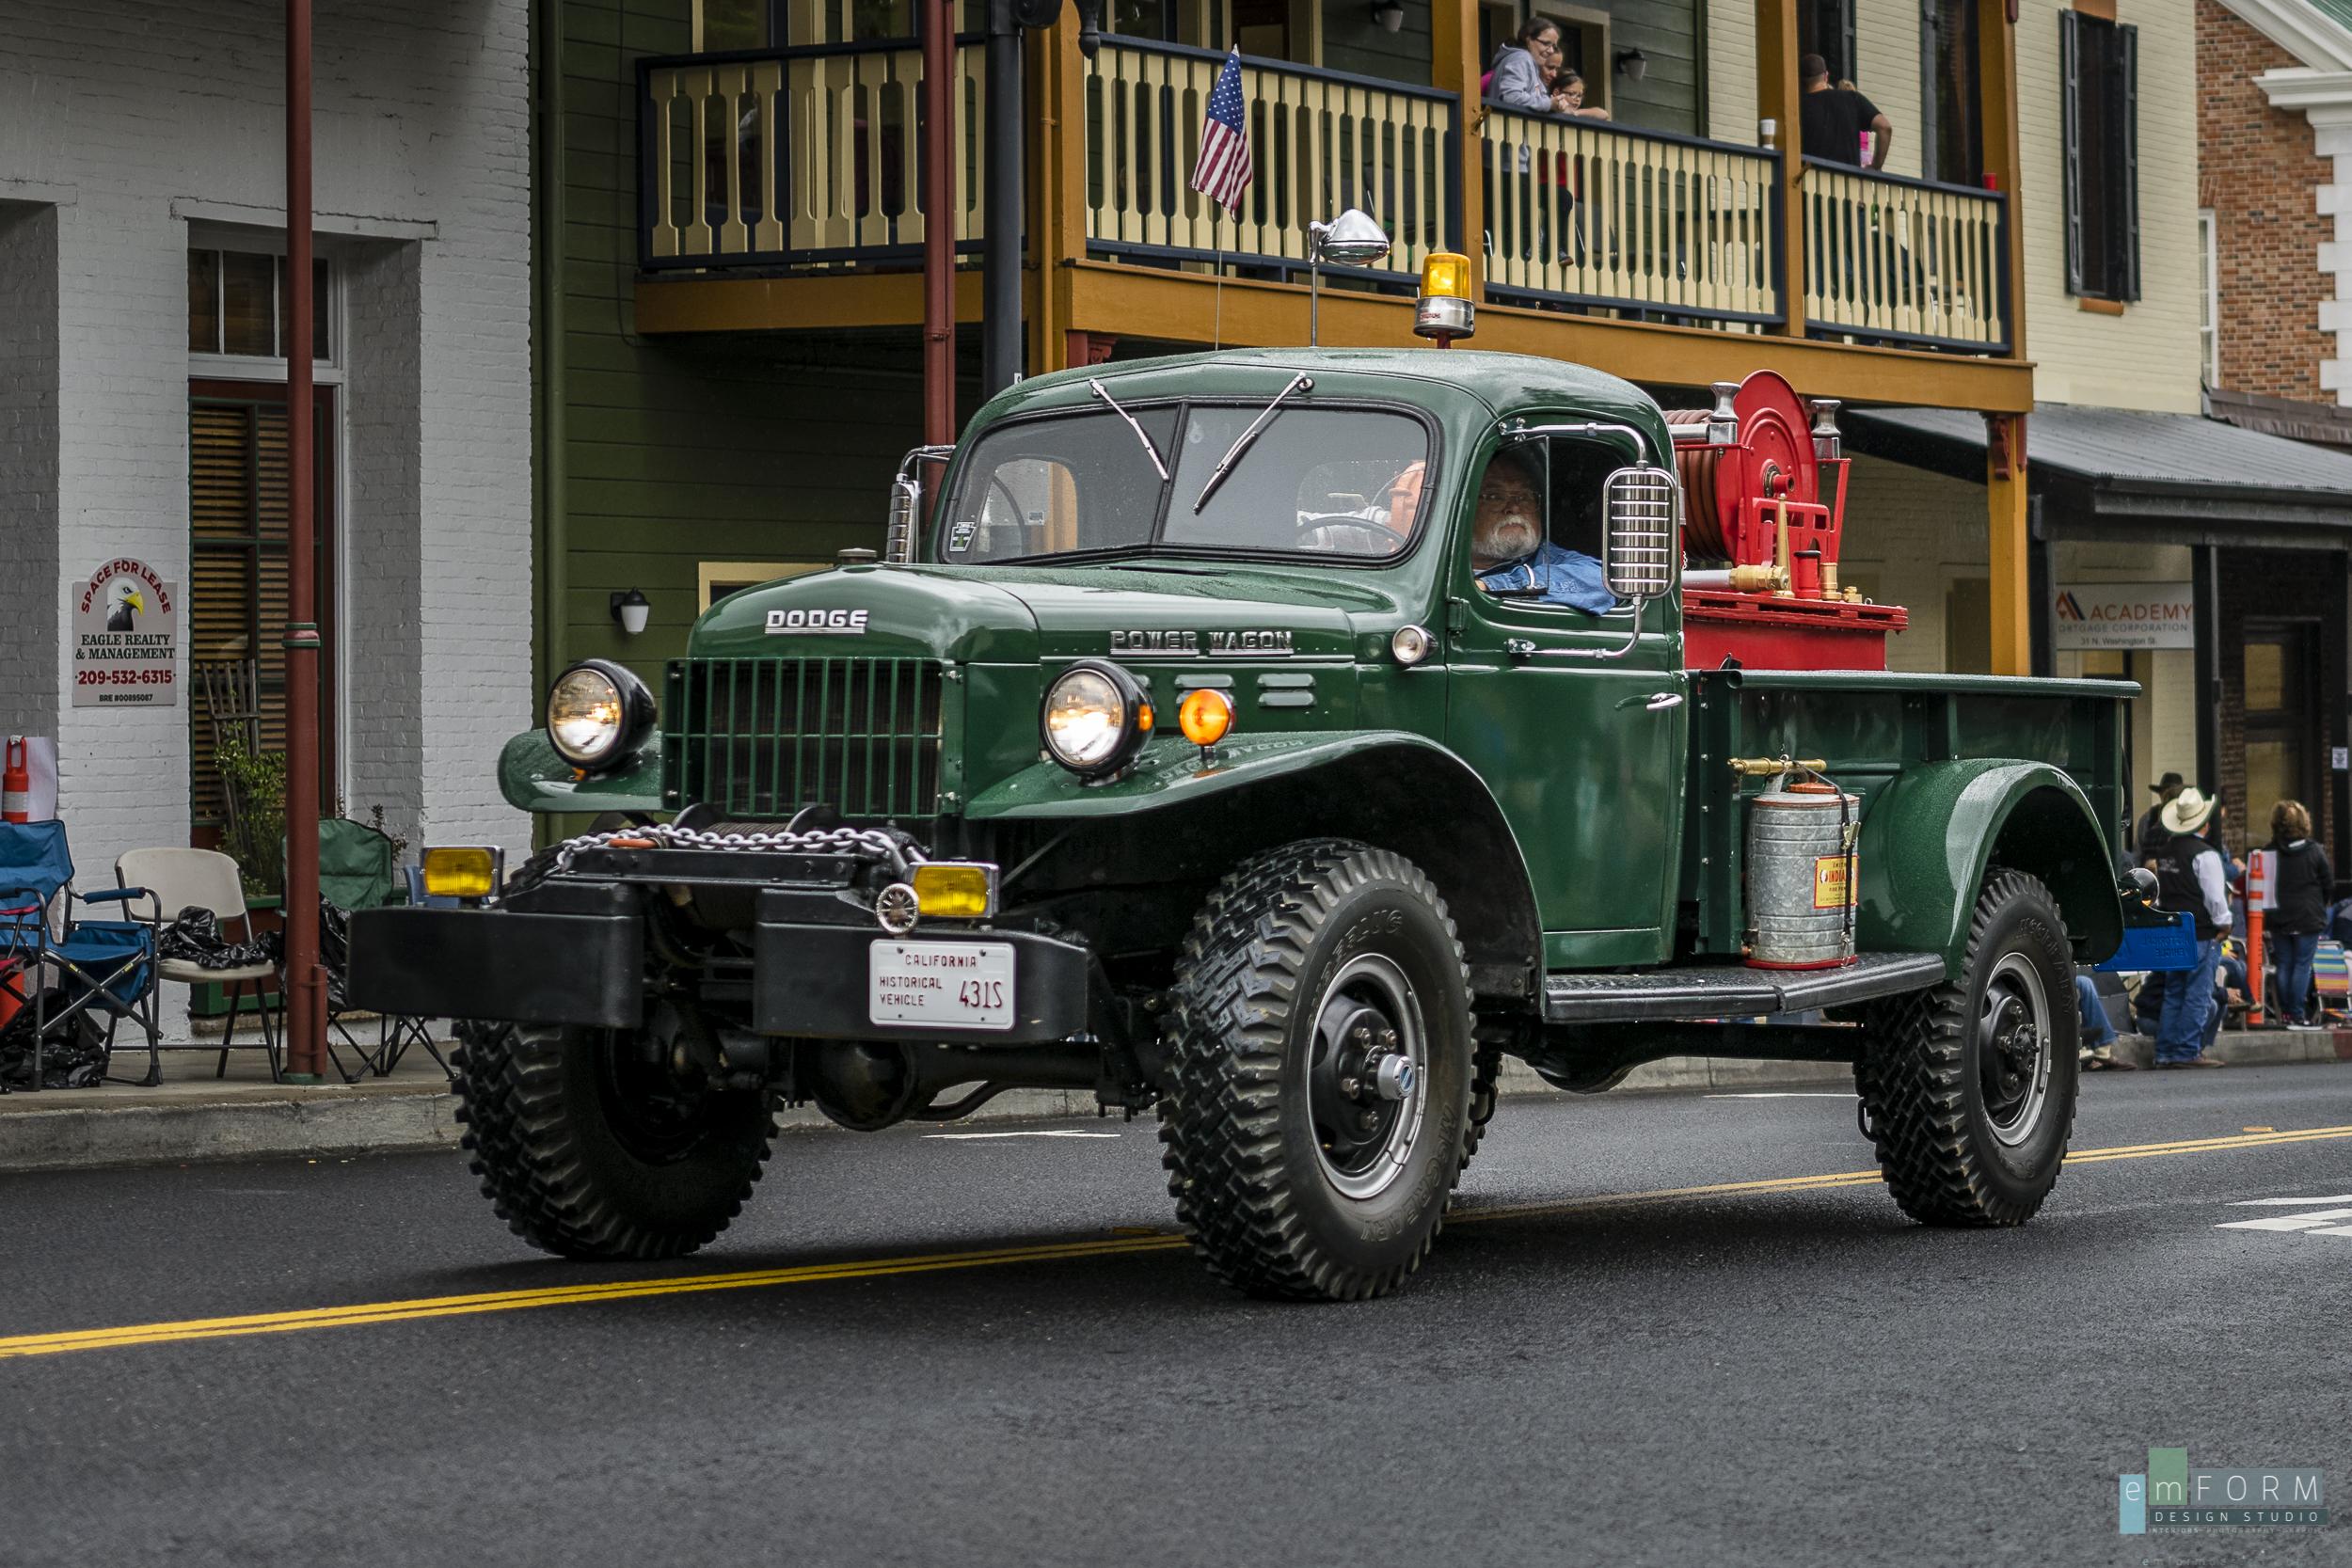 2016 Roundup Parade-69.jpg